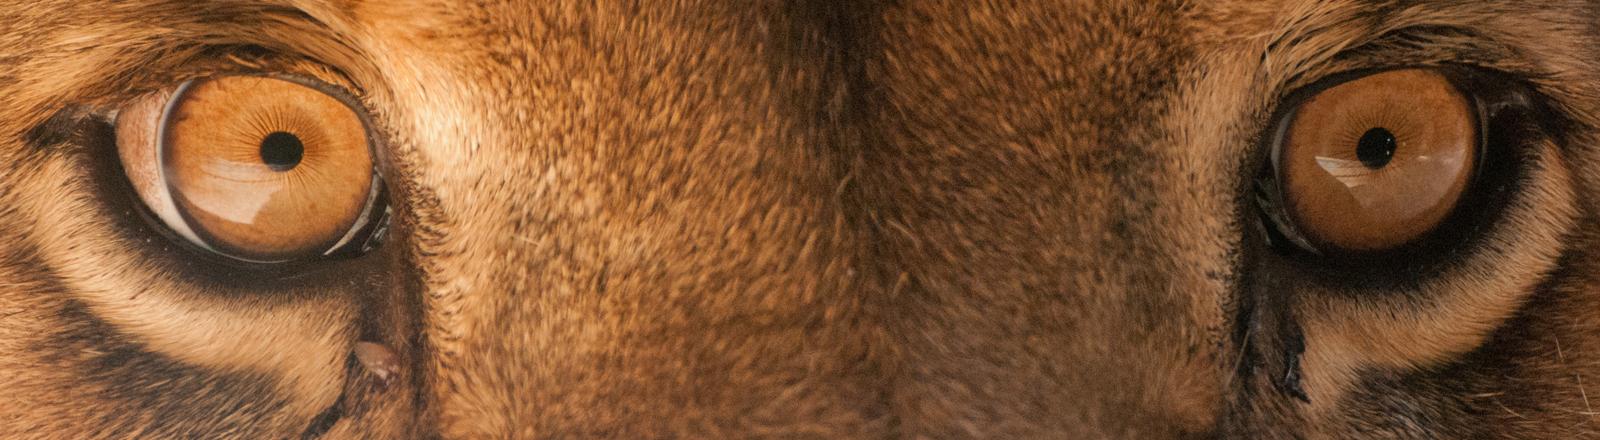 Ein Blick in die Augen eines Löwen.